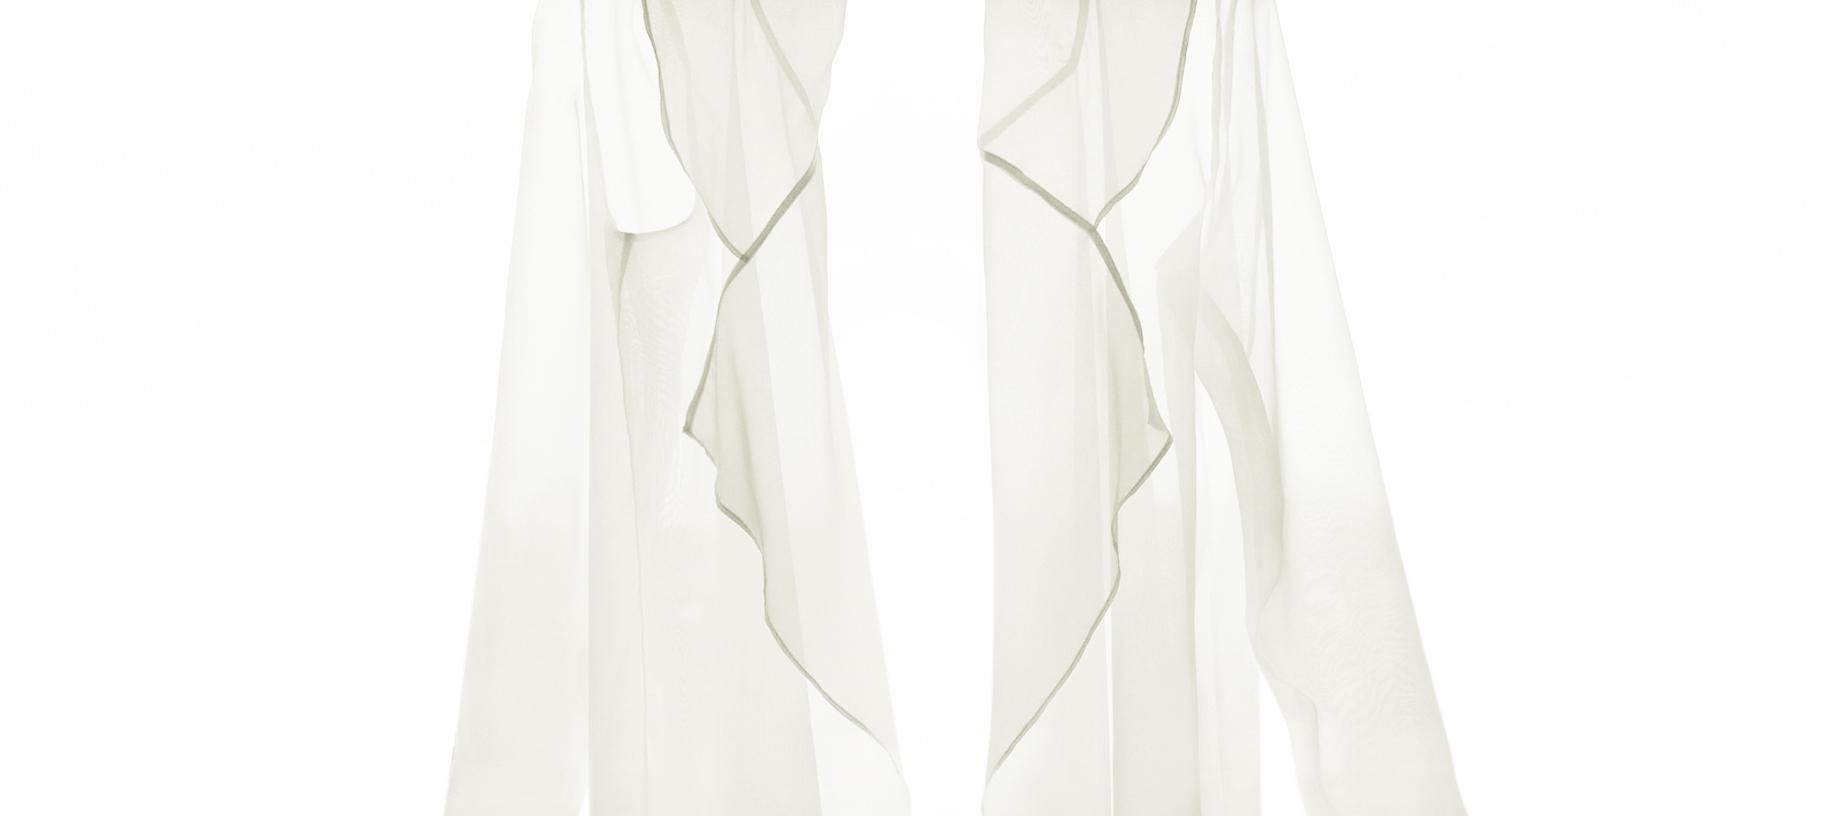 Isabel Wong Translucent Sheer White Organza Jacket.JPG